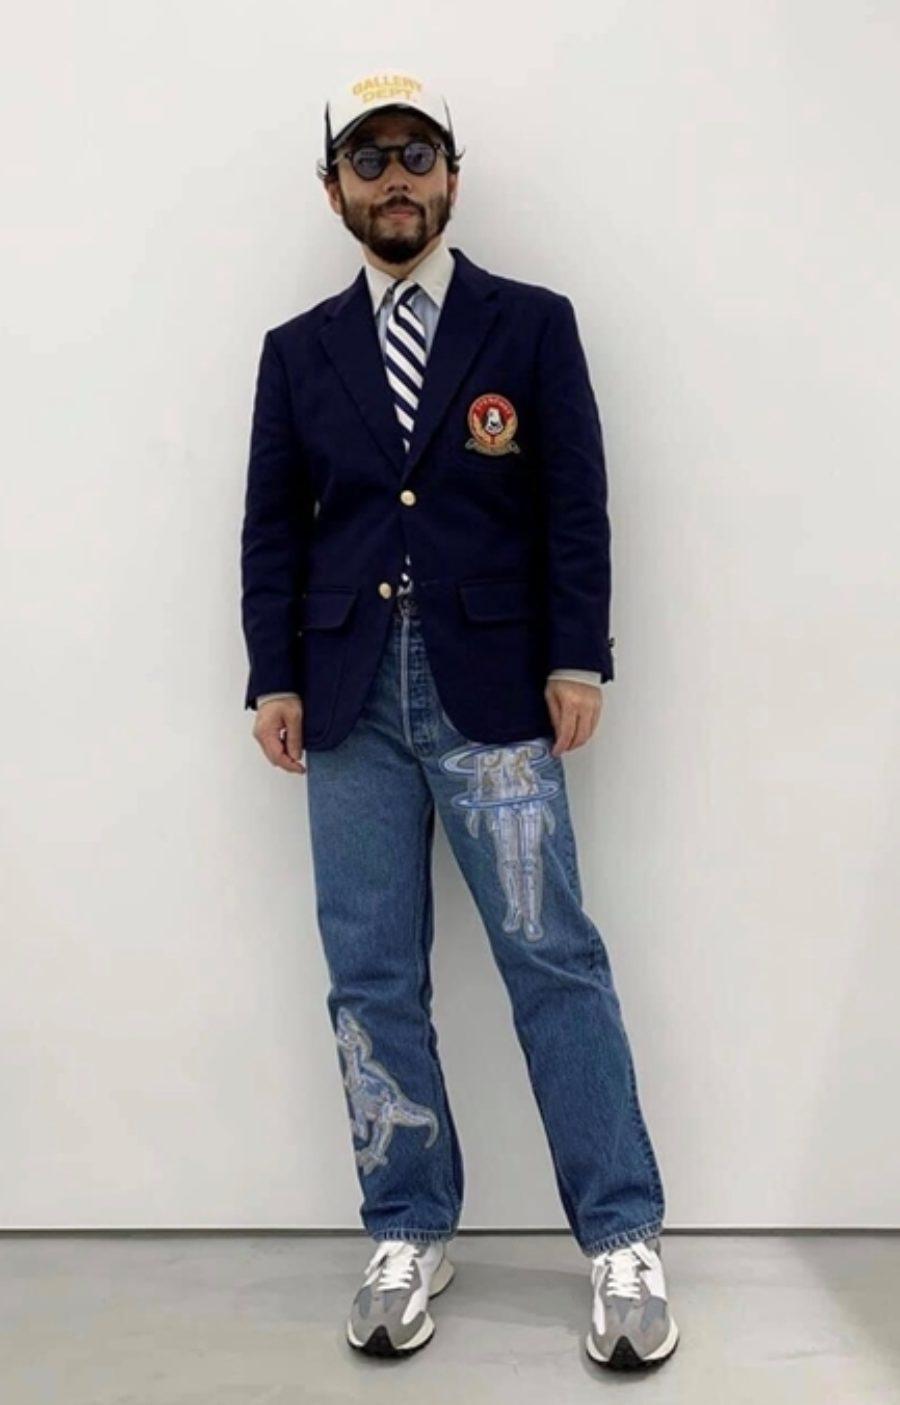 『台中西裝訂做推薦』Mr. Edison suit 愛迪生訂製西裝-把西裝結合休閒服裝